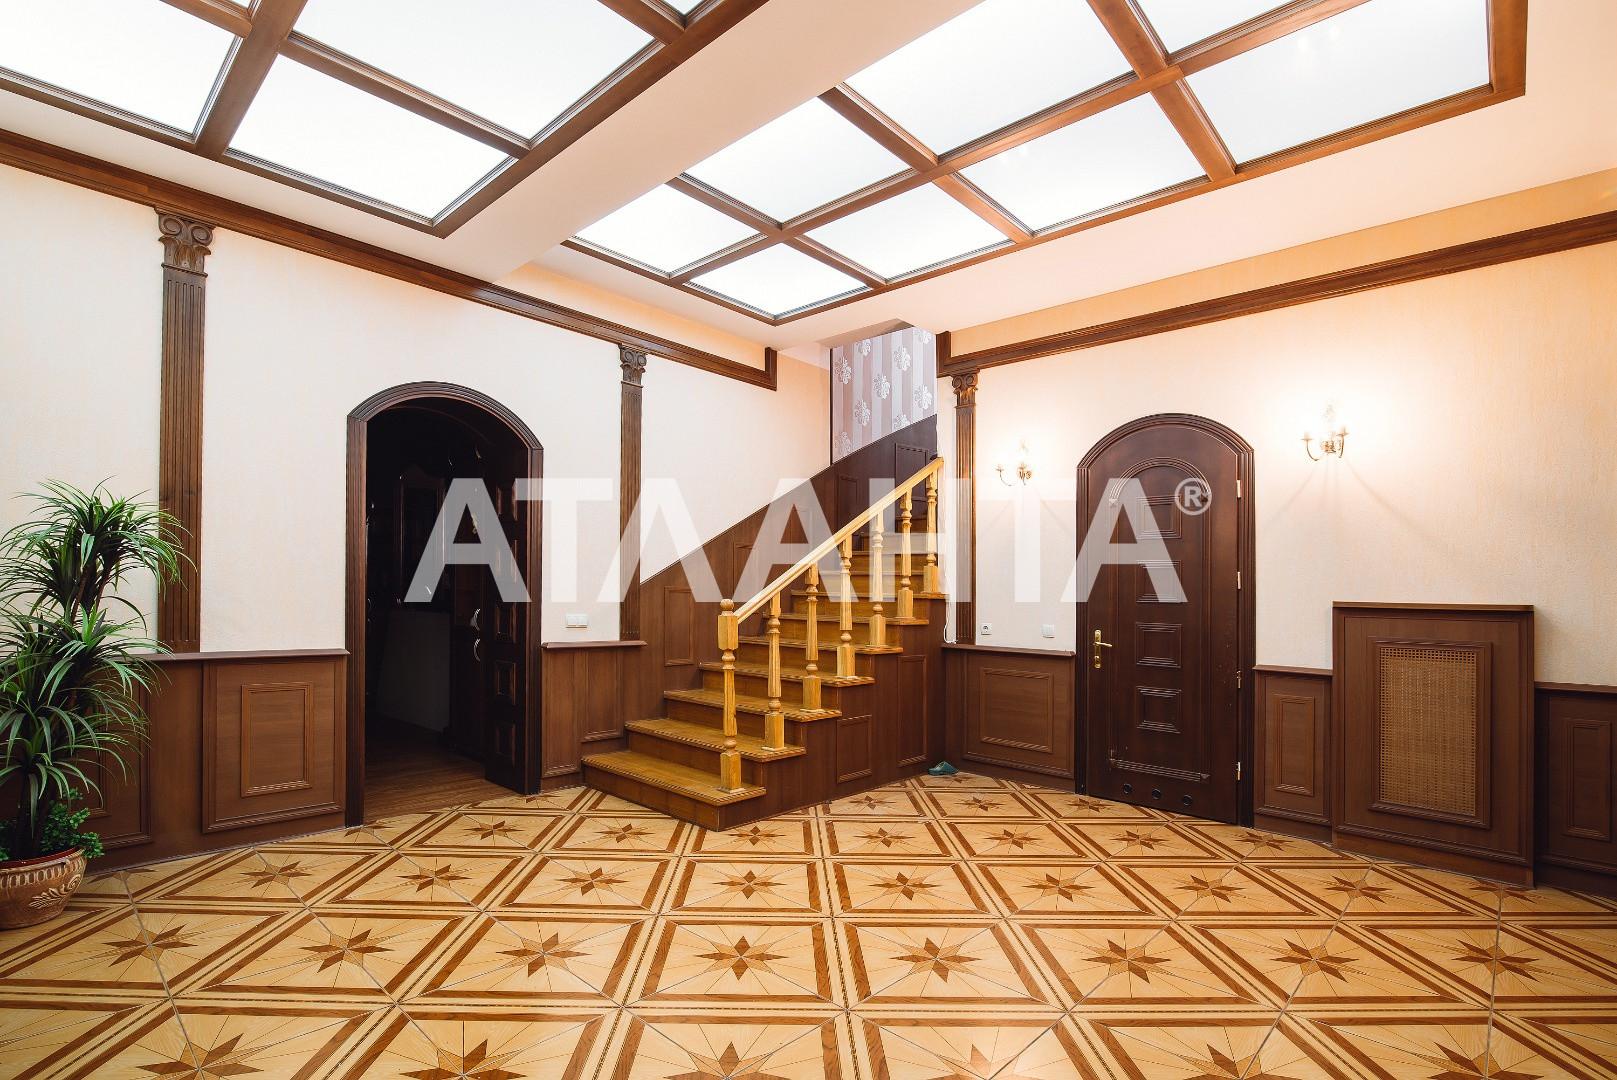 Продается Дом на ул. Аркадиевский Пер. — 1 300 000 у.е. (фото №27)